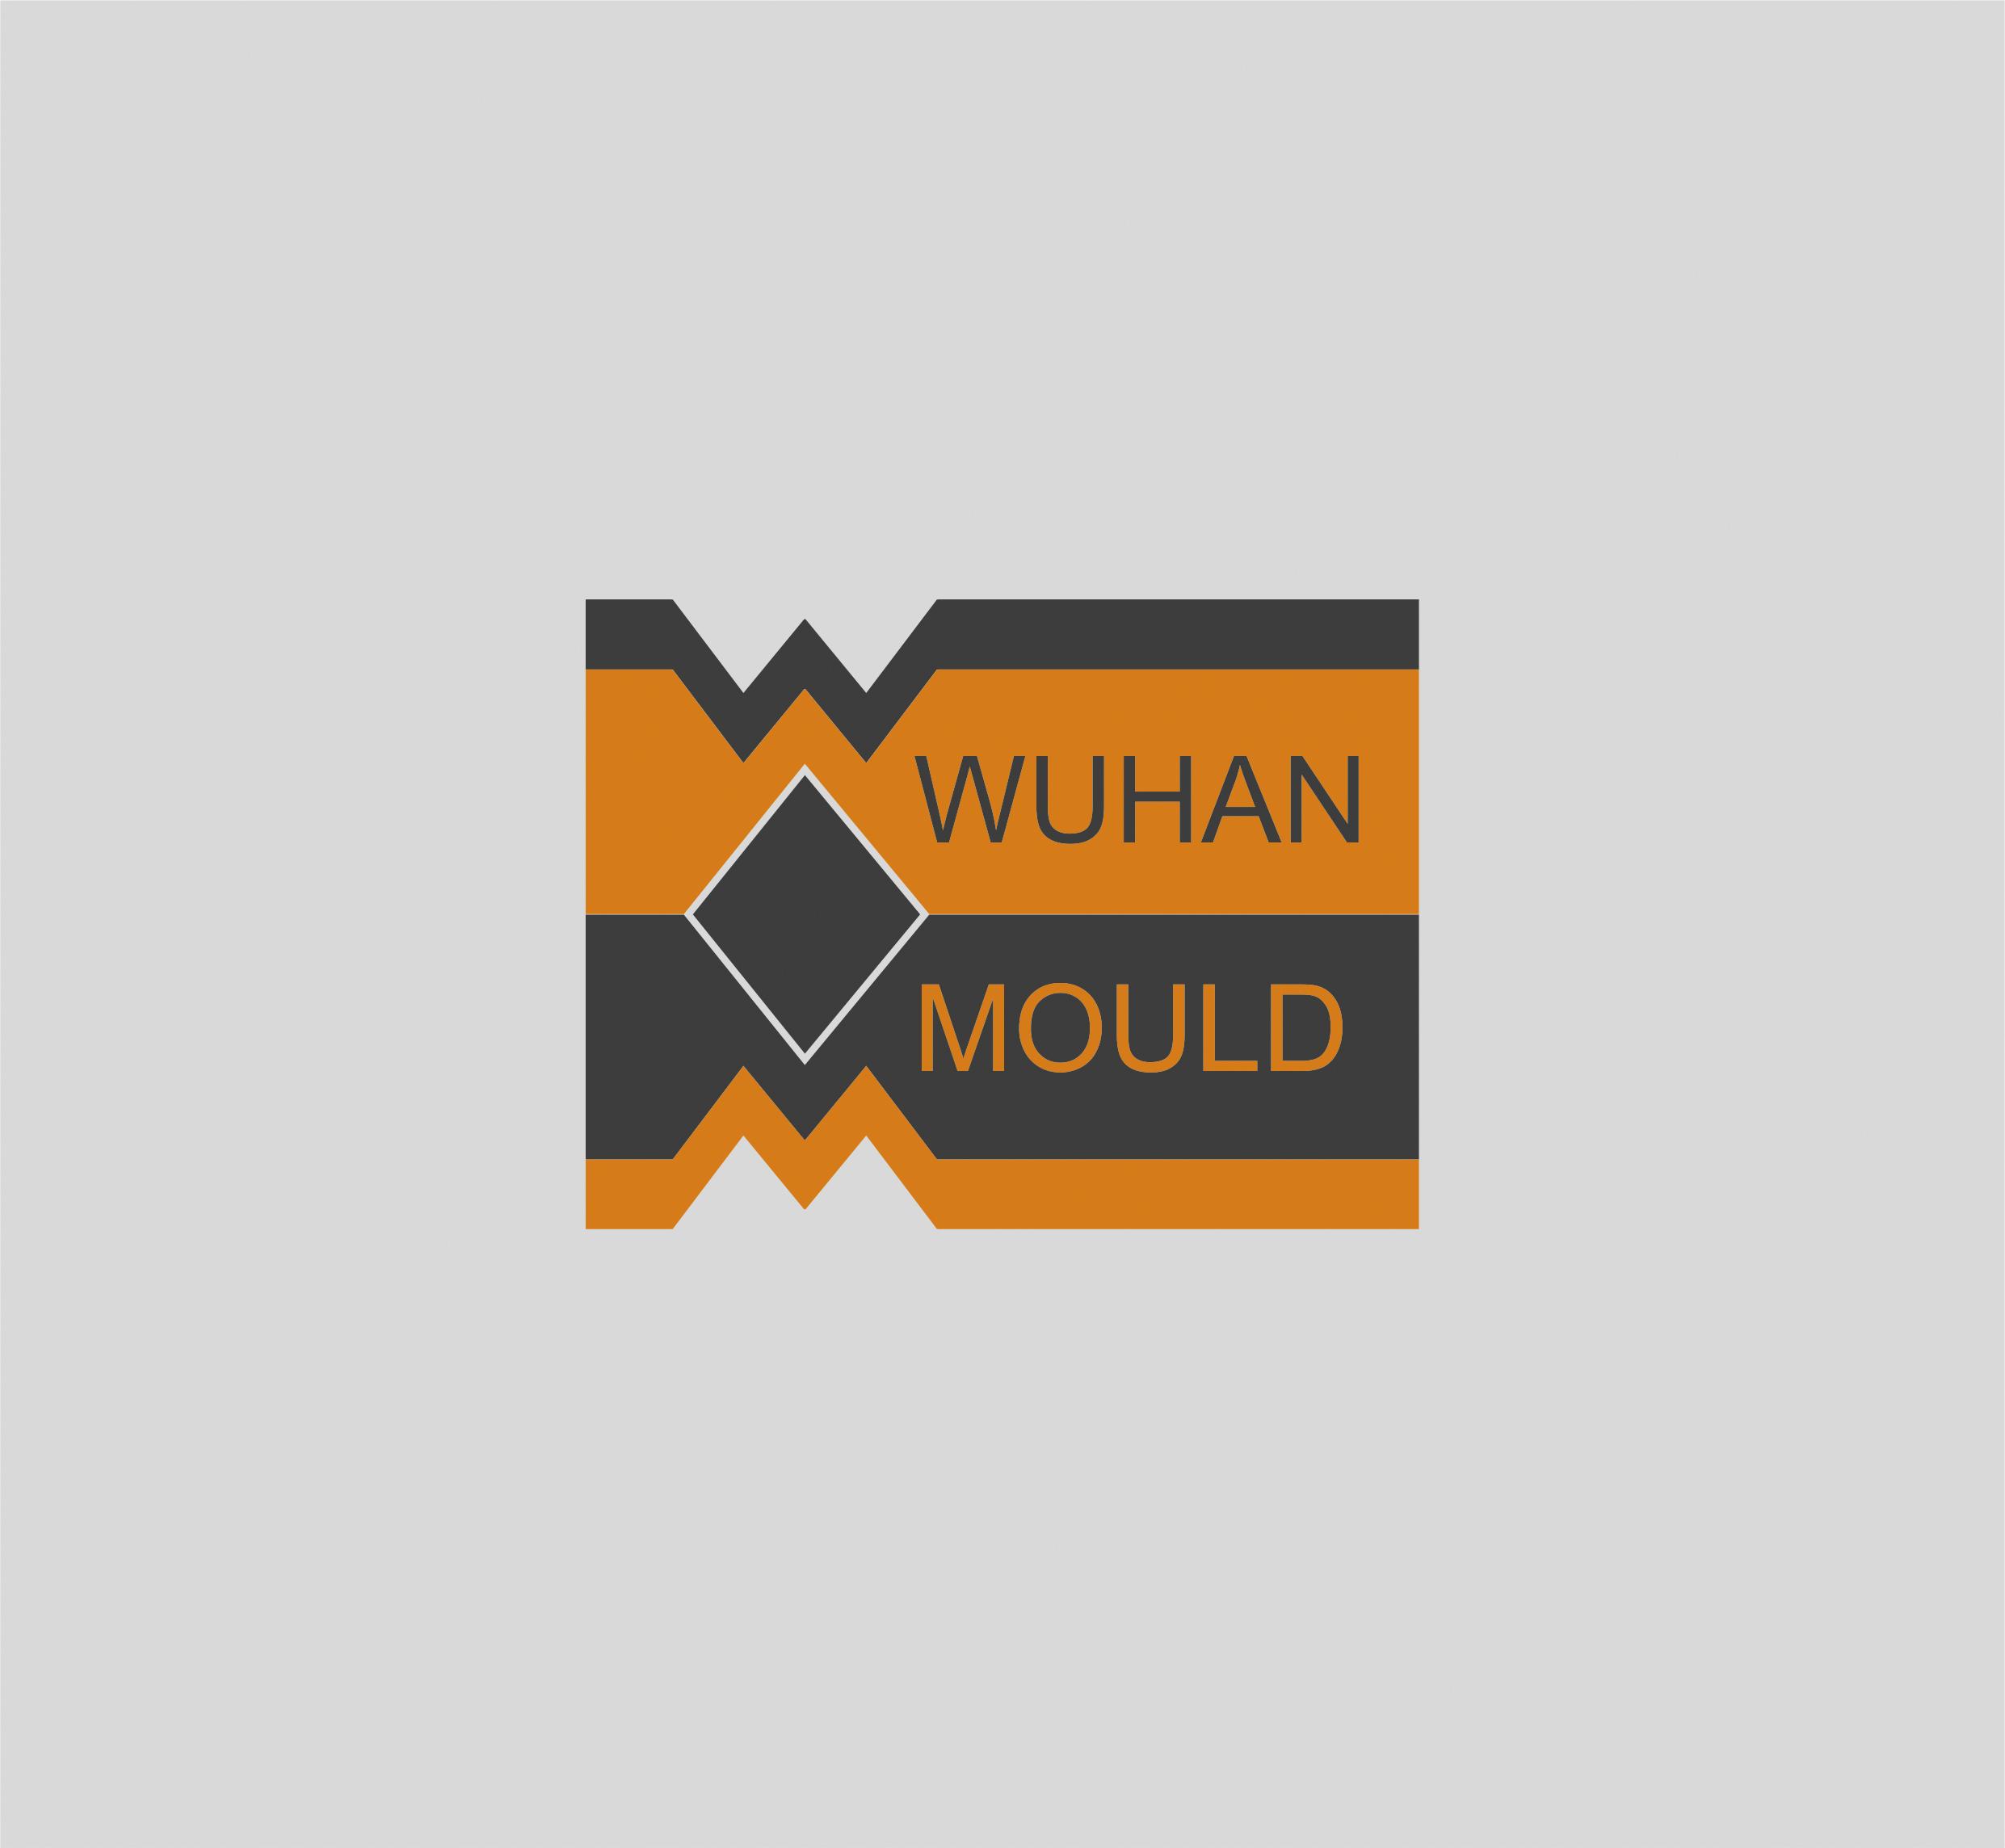 Создать логотип для фабрики пресс-форм фото f_0295995cca66a69c.jpg